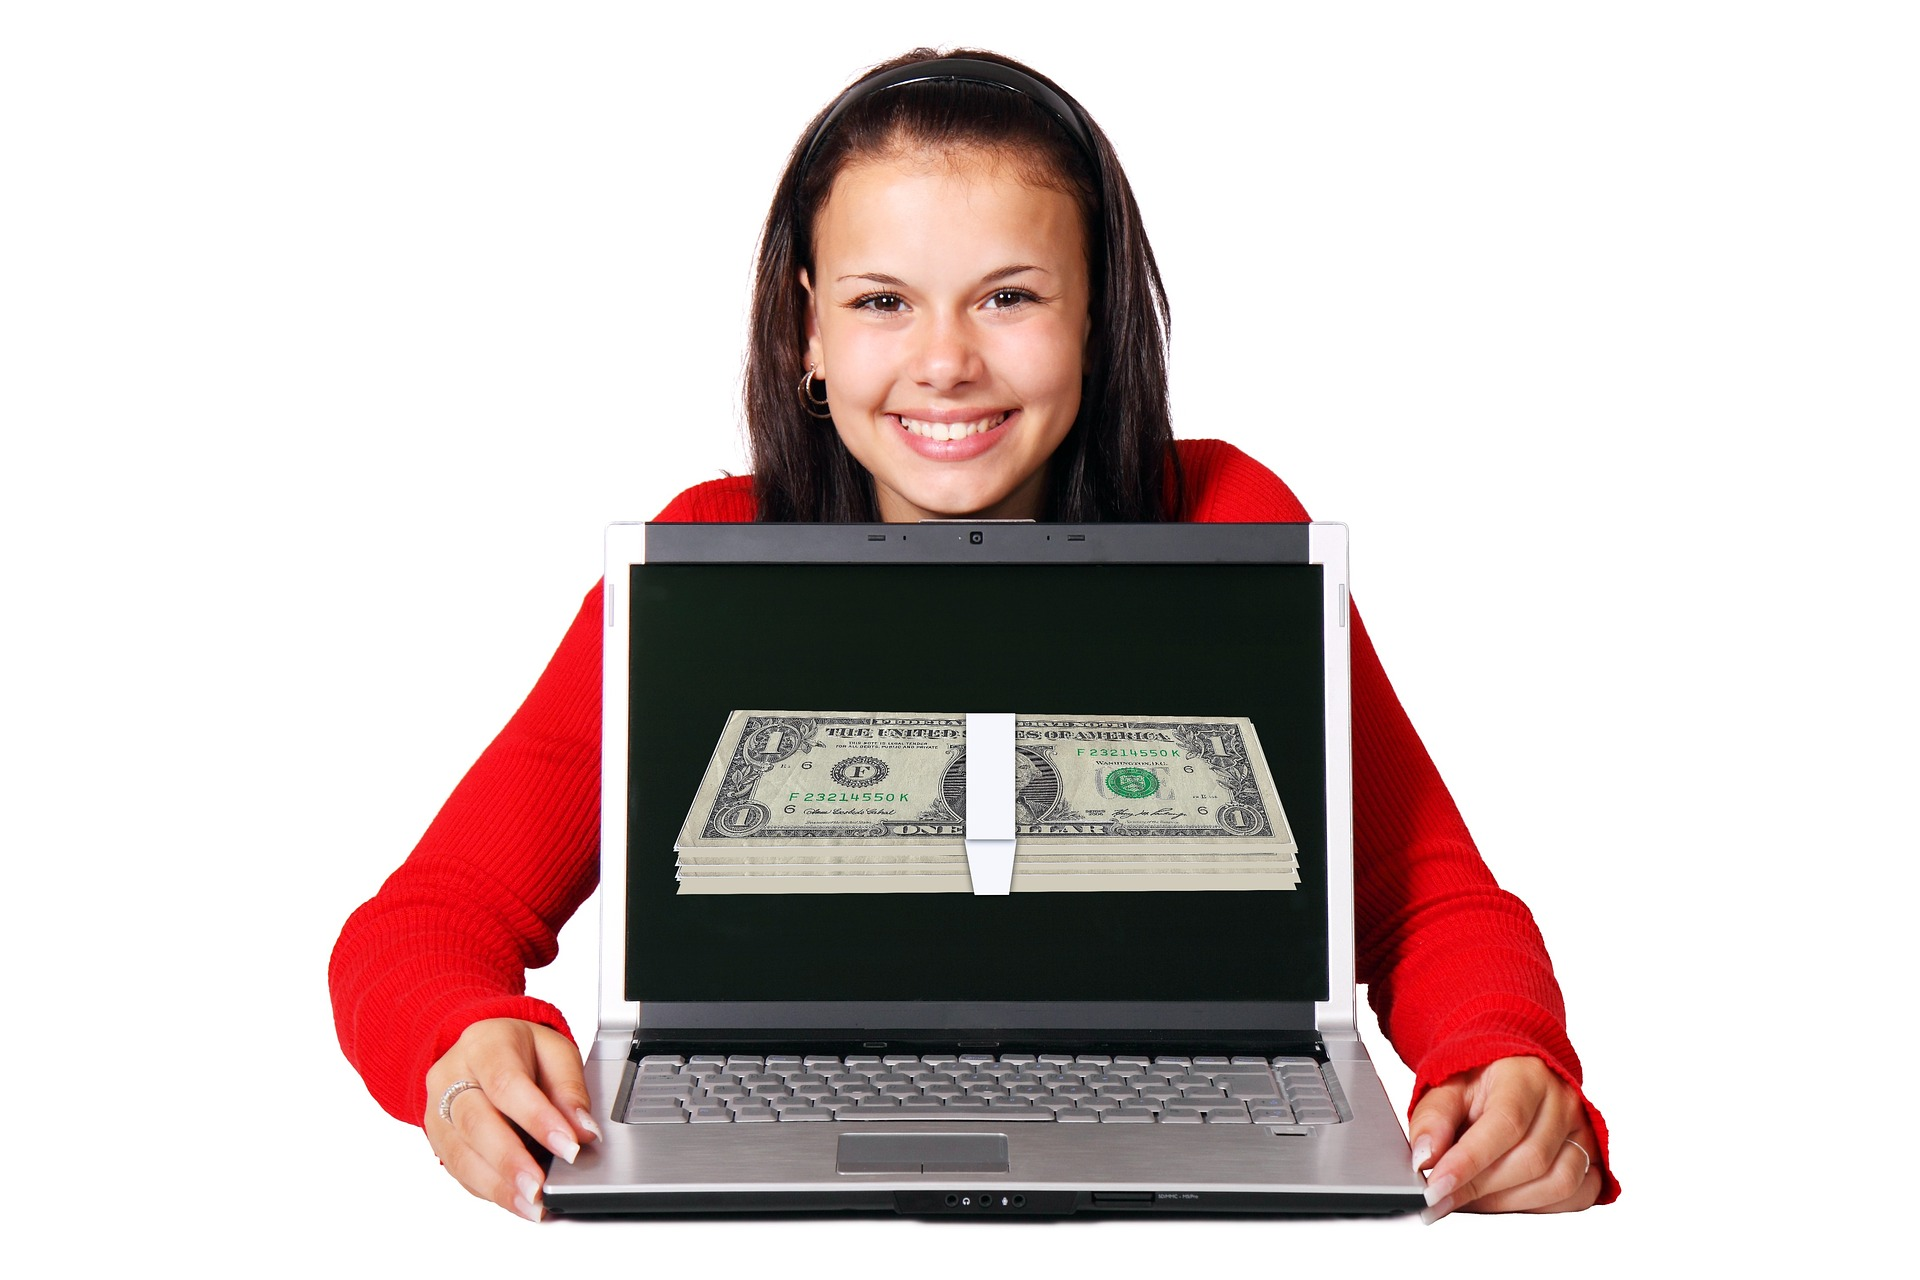 Beginners' Guide - Build a Website - Make Money Online